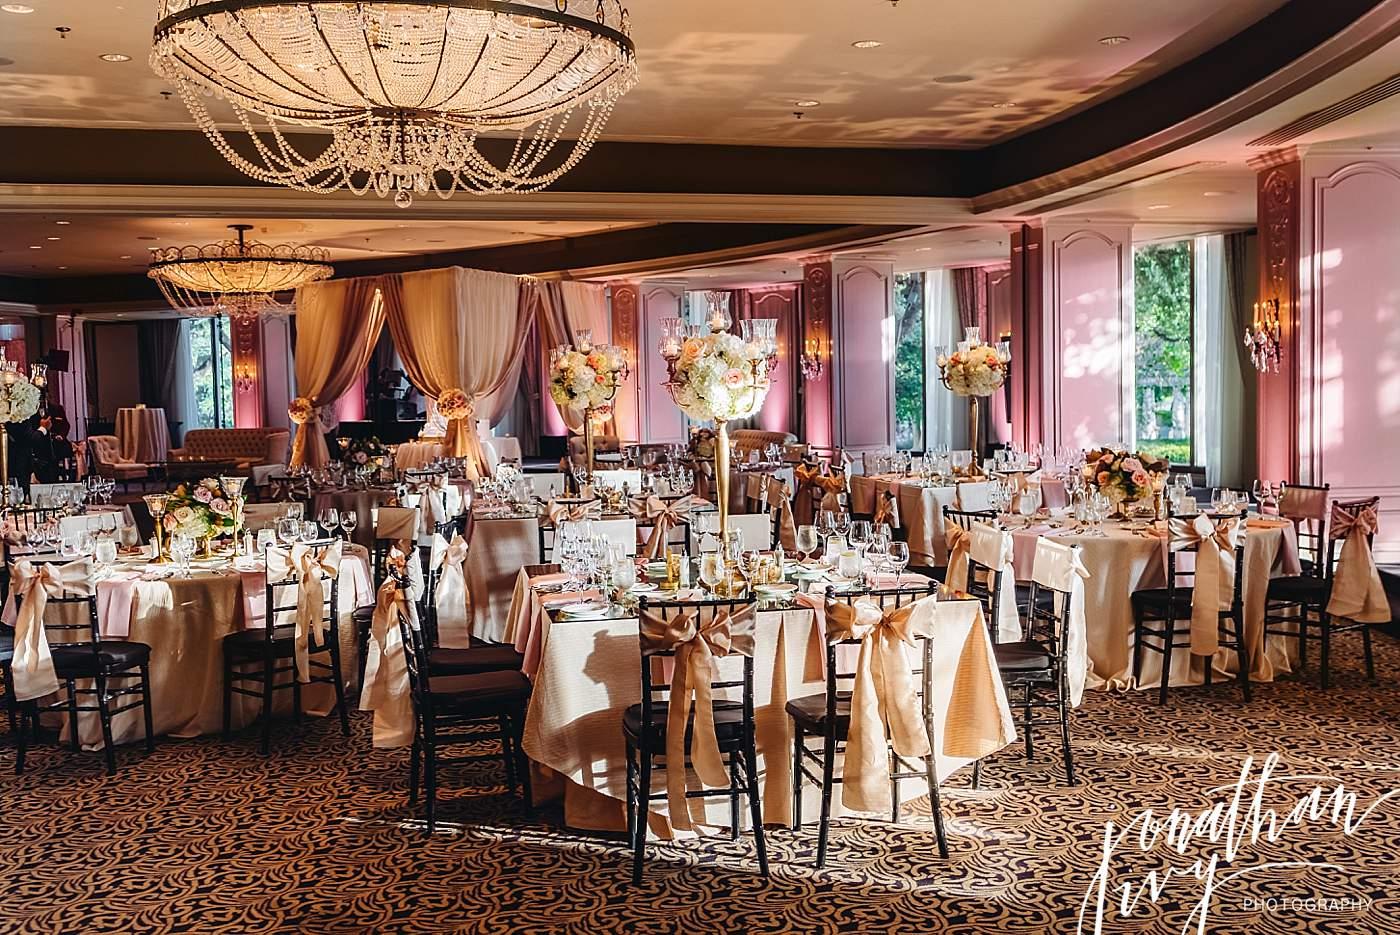 Hotel Zaza Houston Weddings,Hotel Zaza Wedding,Phantom Ballroom,Phantom Ballroom Reception,Wedding at Hotel Zaza,